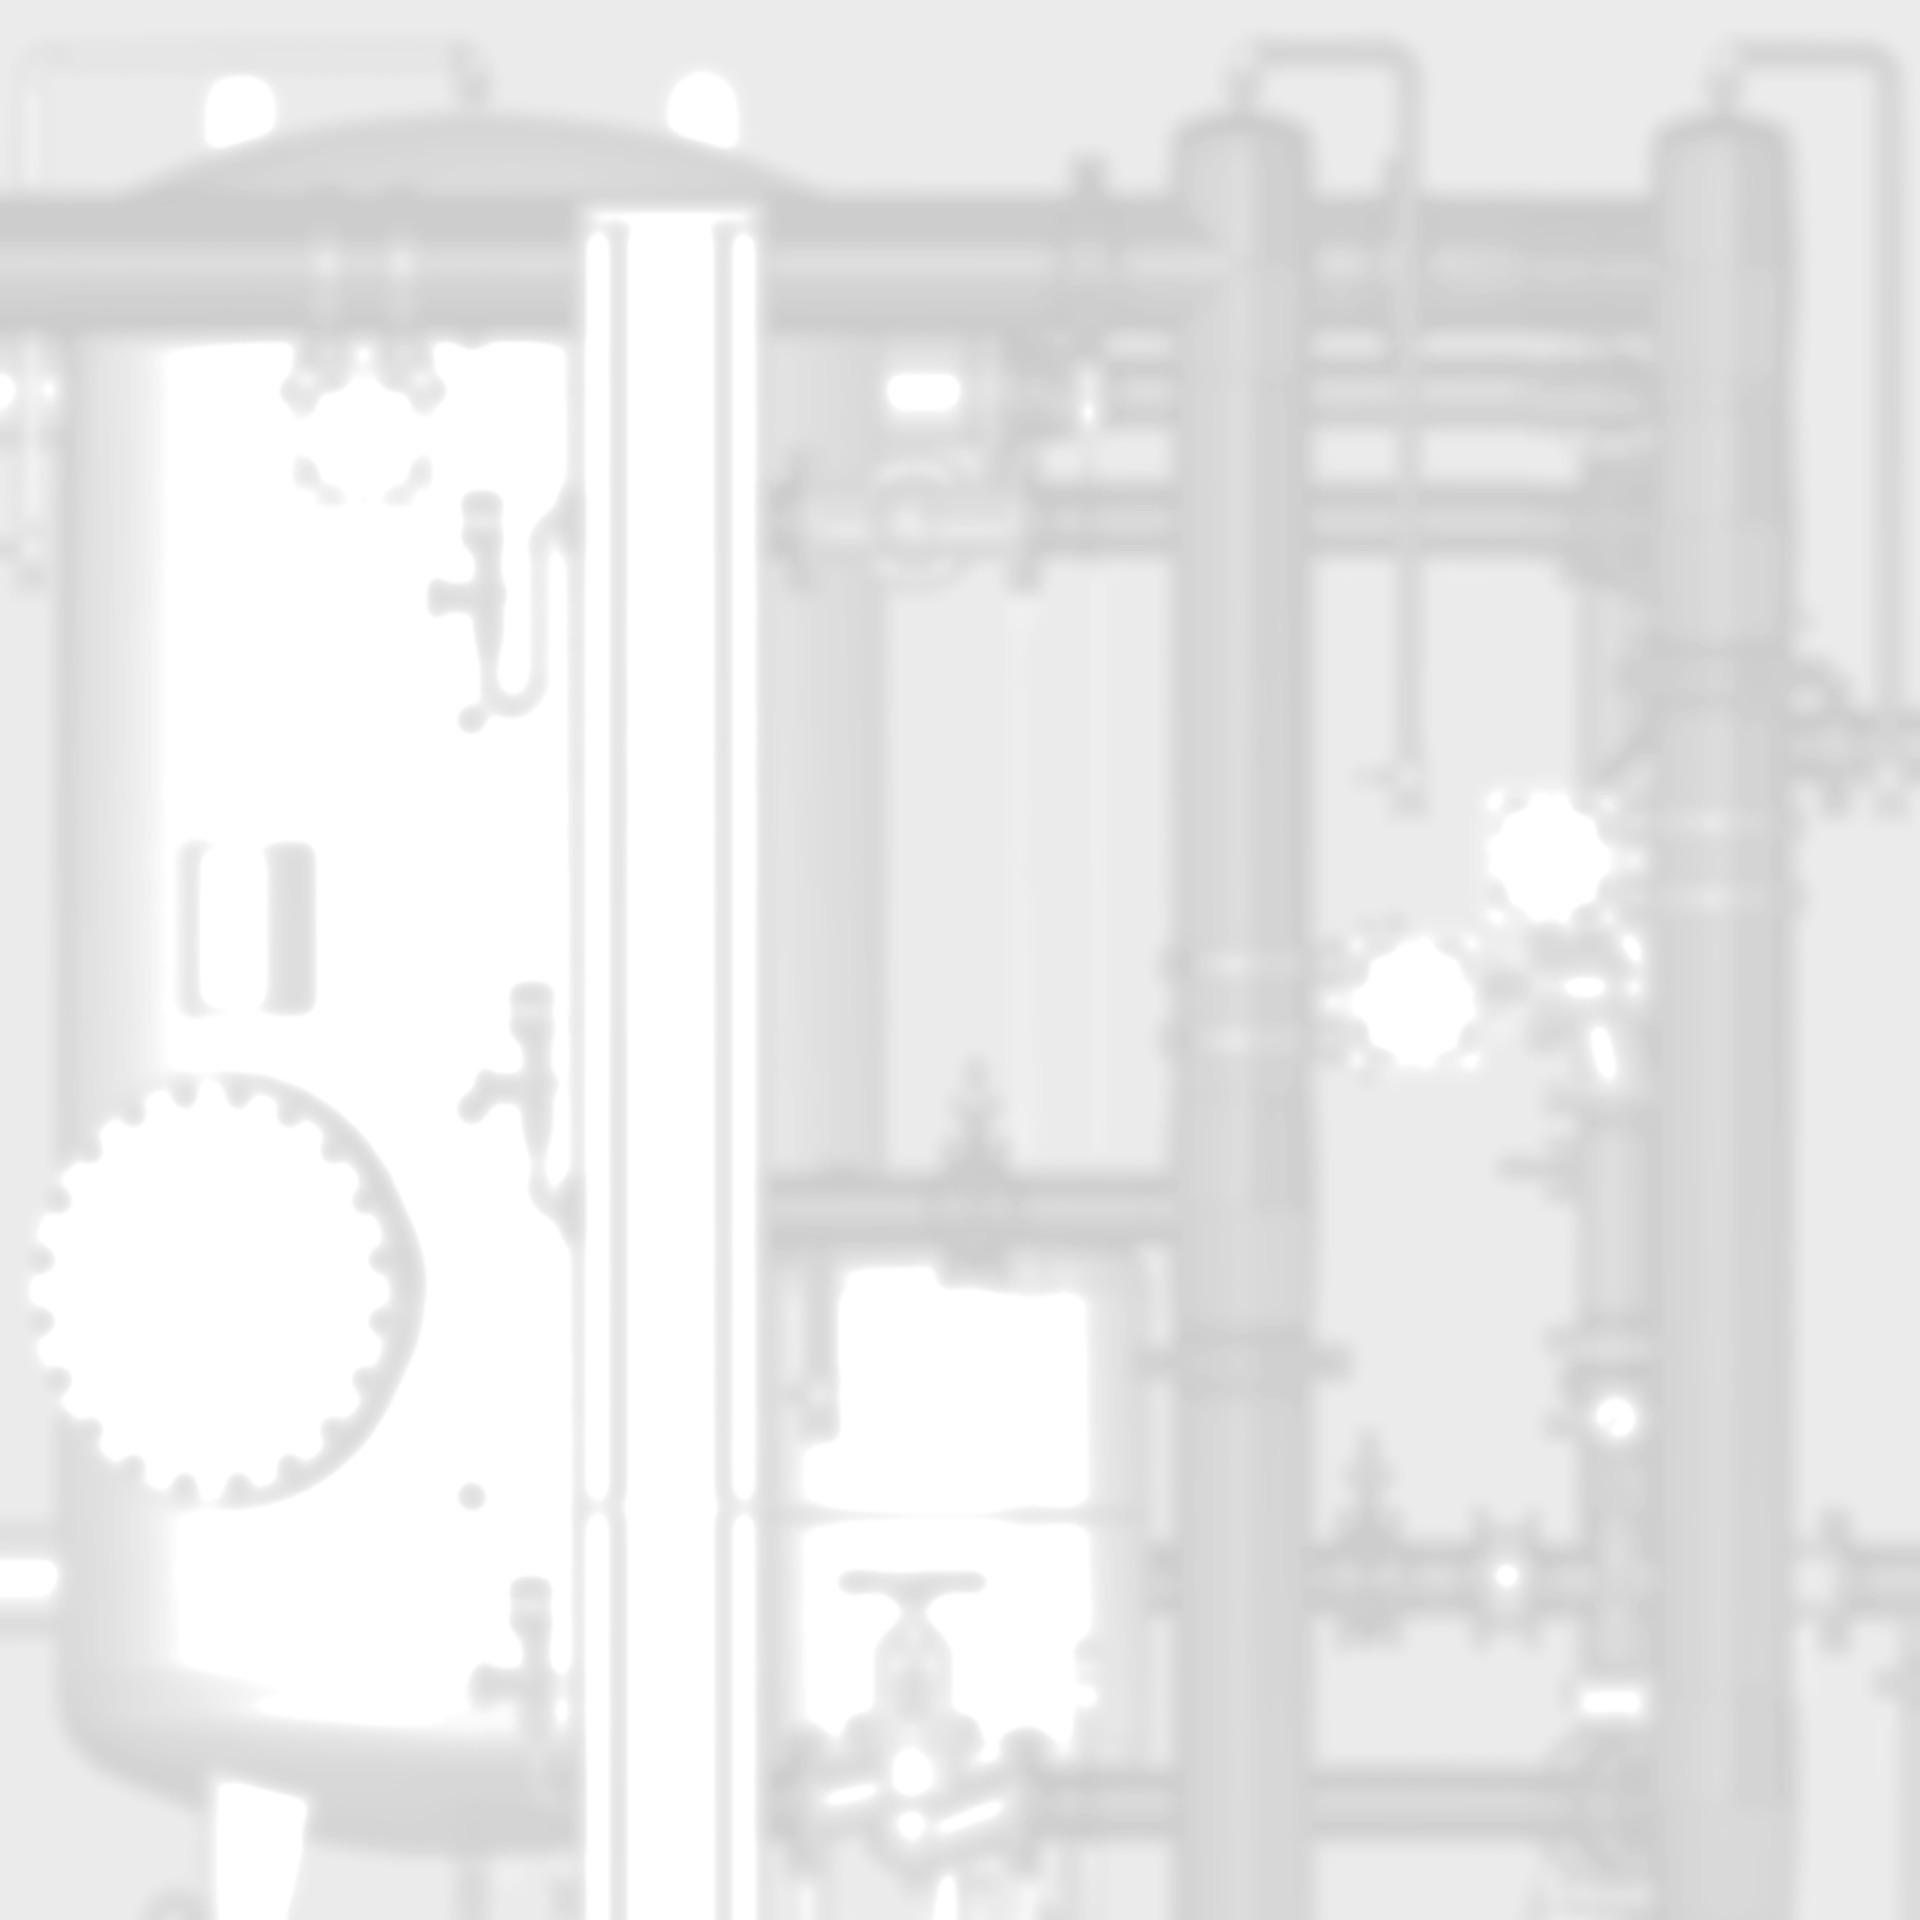 GWA_Engineering_Made_in_Germany_3_Gesellschaft_fuer_Waerme_und_Anlagentechnik_monochrom